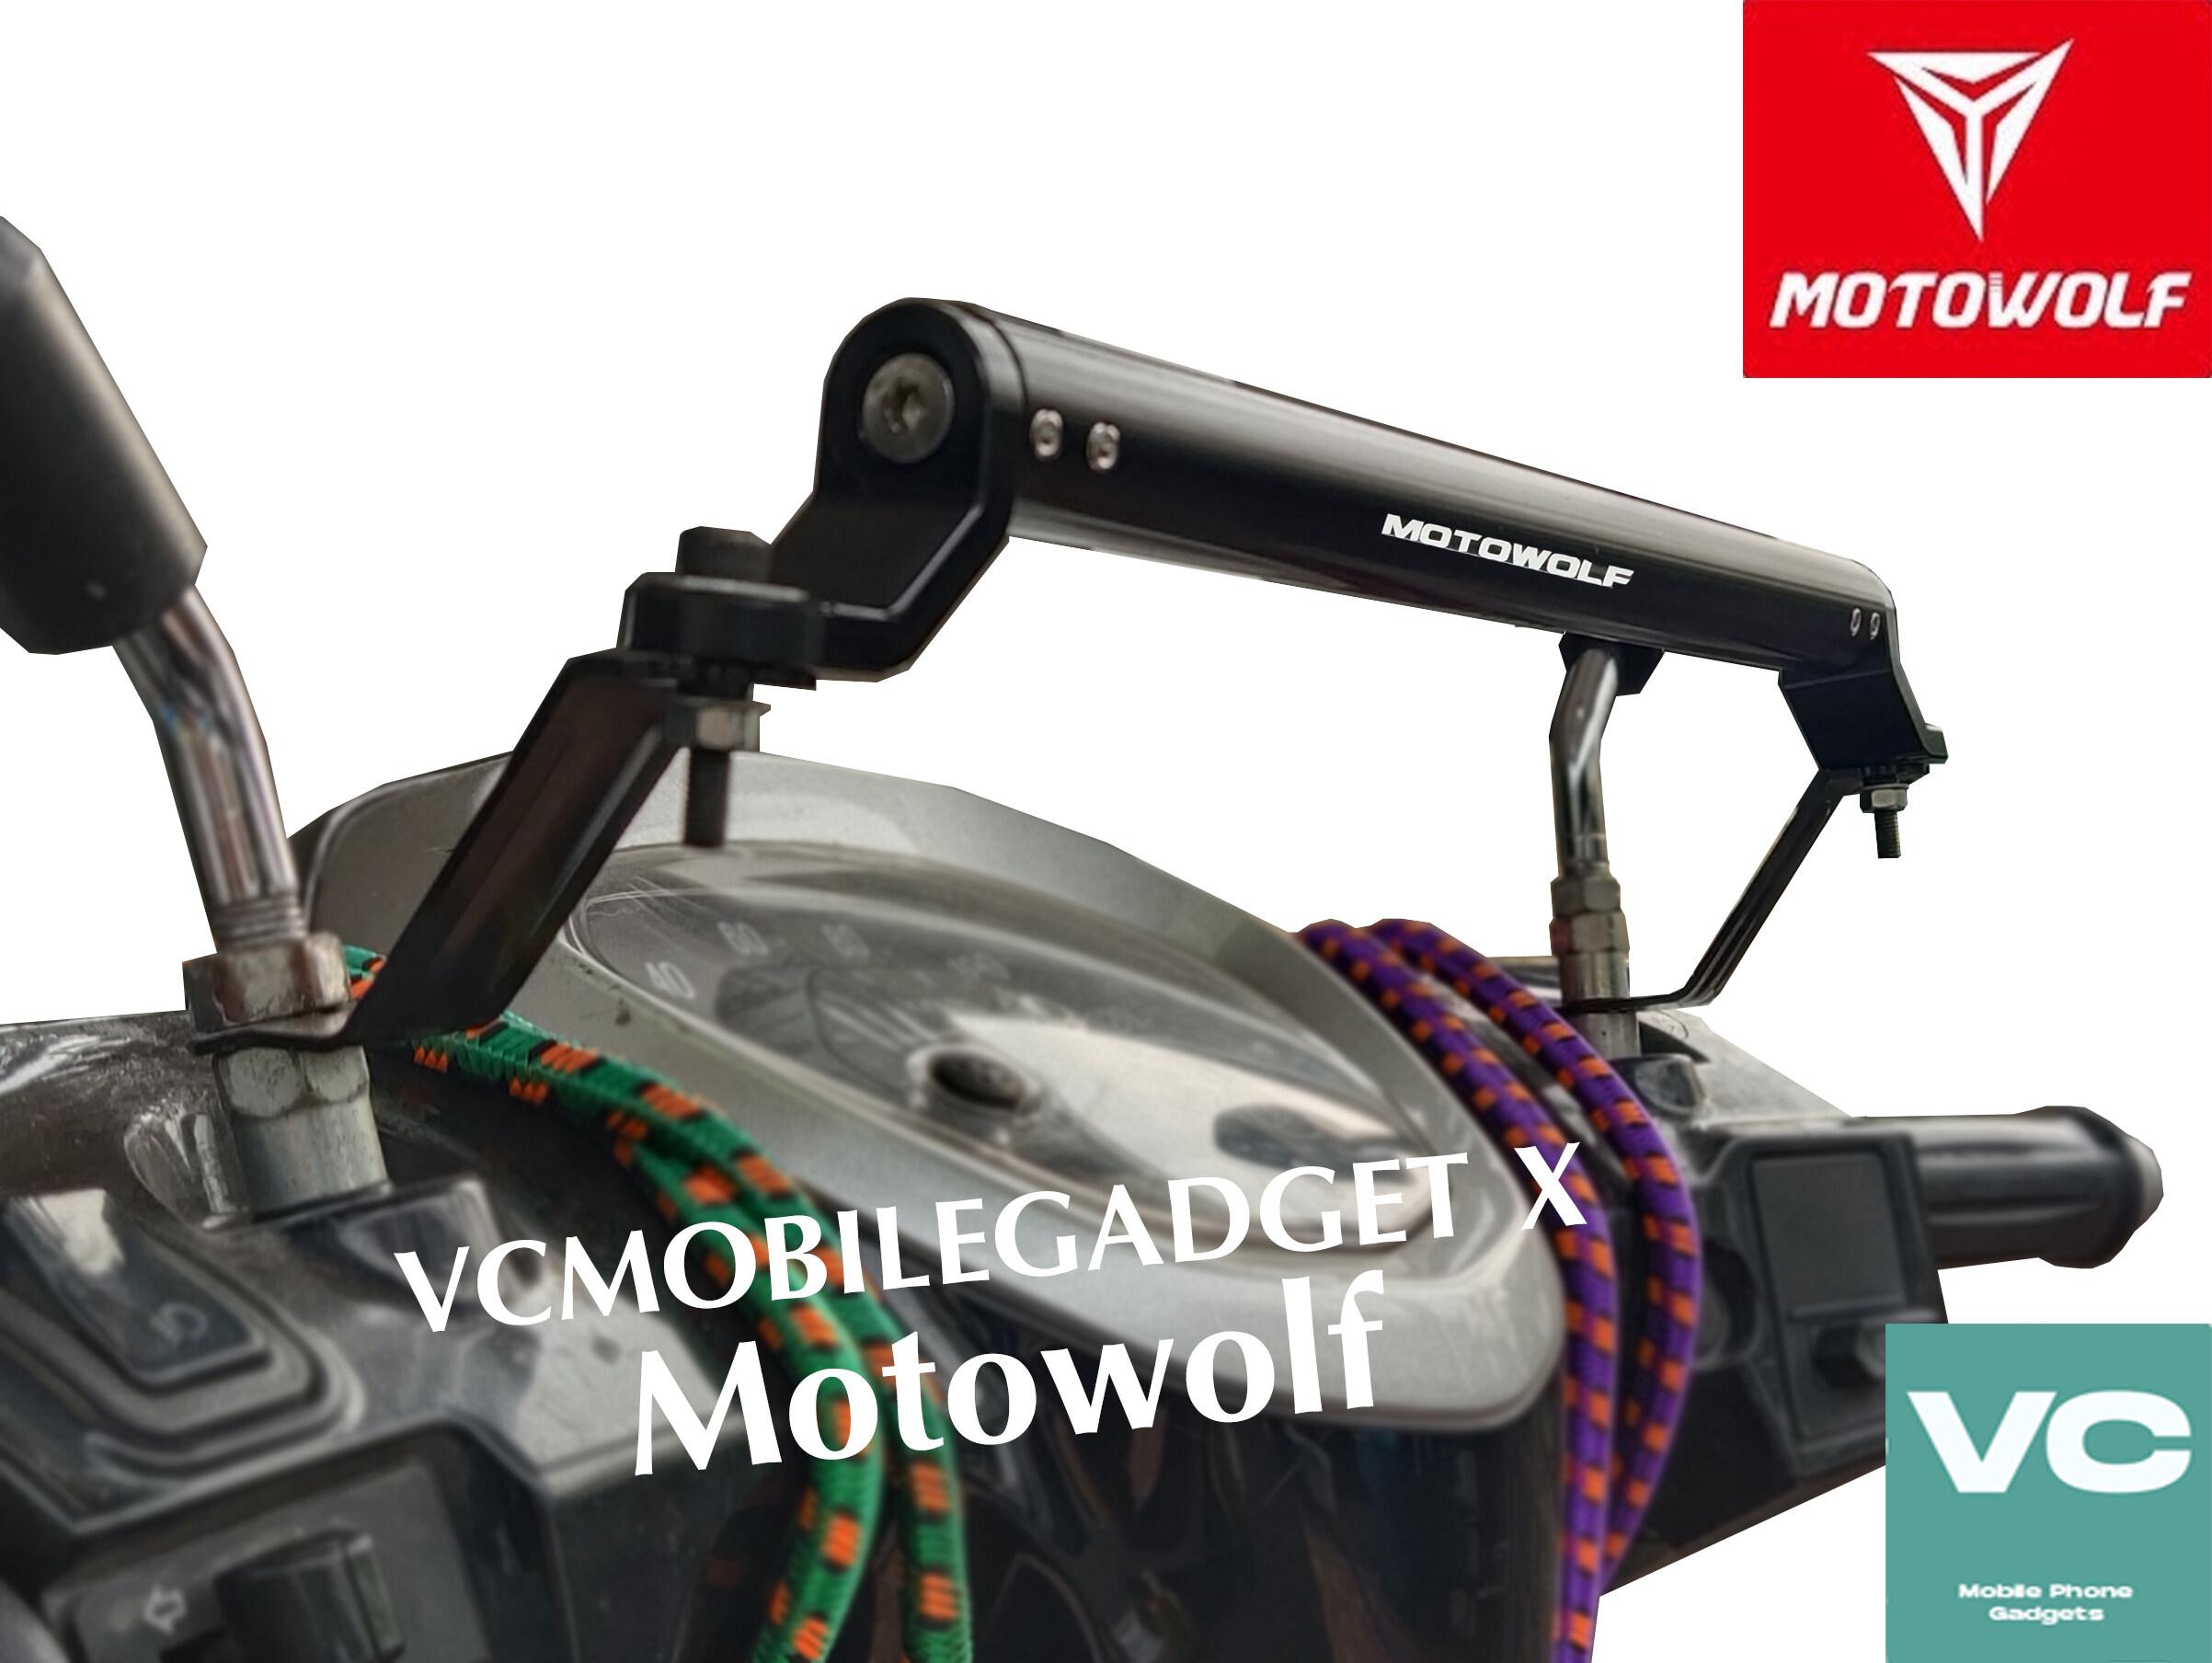 บาร์เสริม Motowolf (แถมฟรี ประแจหกเหลี่ยม, อะไหล่น็อต 2 ตัว) บาร์เสริม Motowolf Mdl 3514 ทำจากเหล้ก.